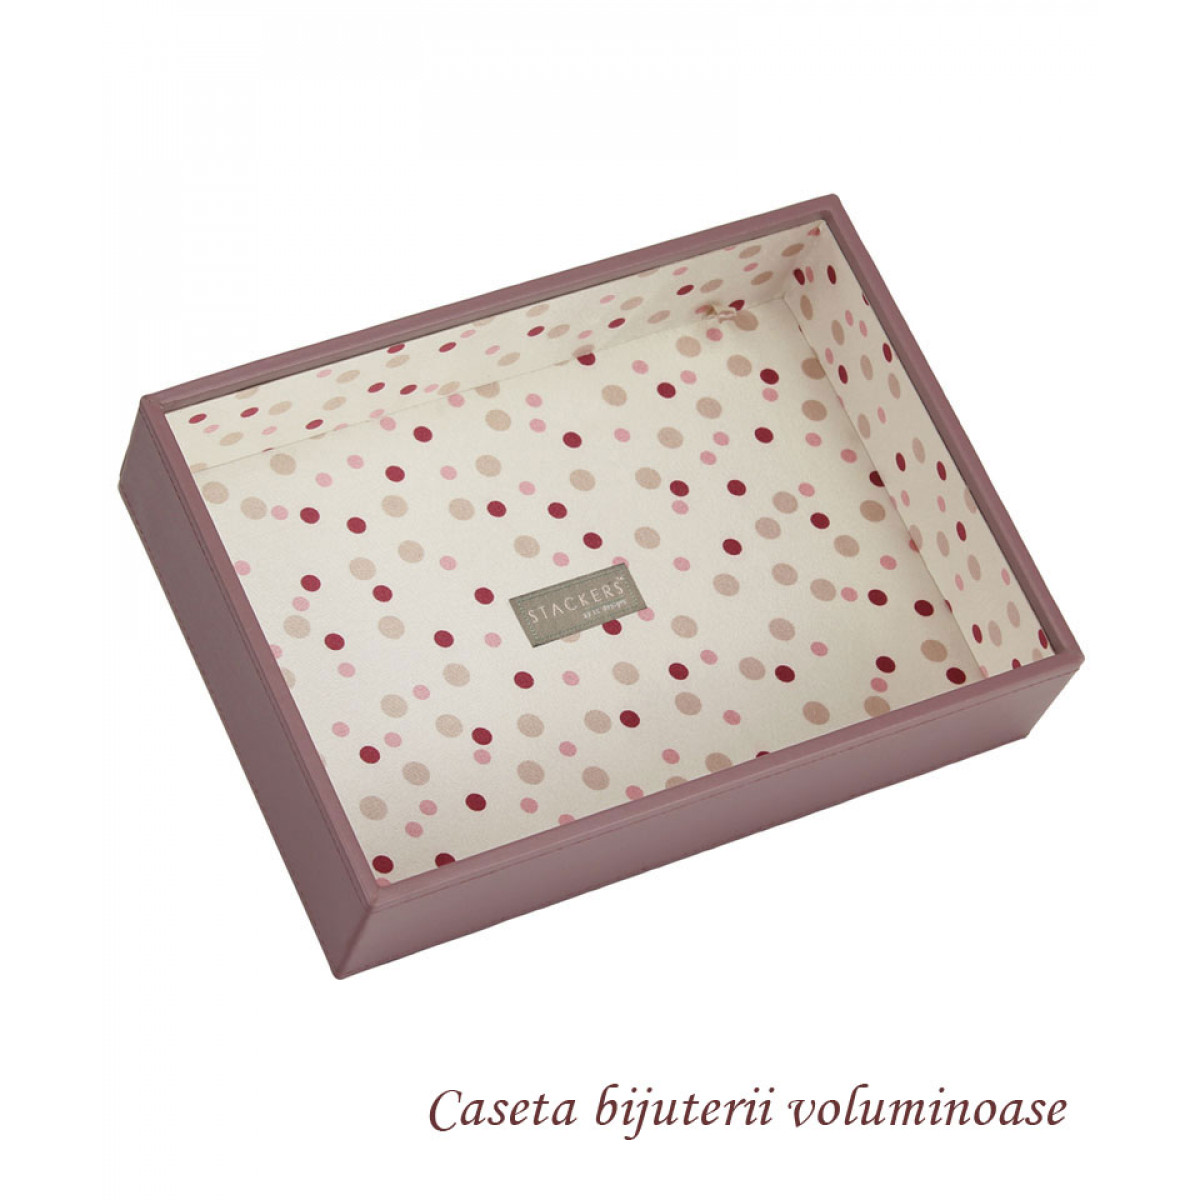 cutie bijuterii stackers